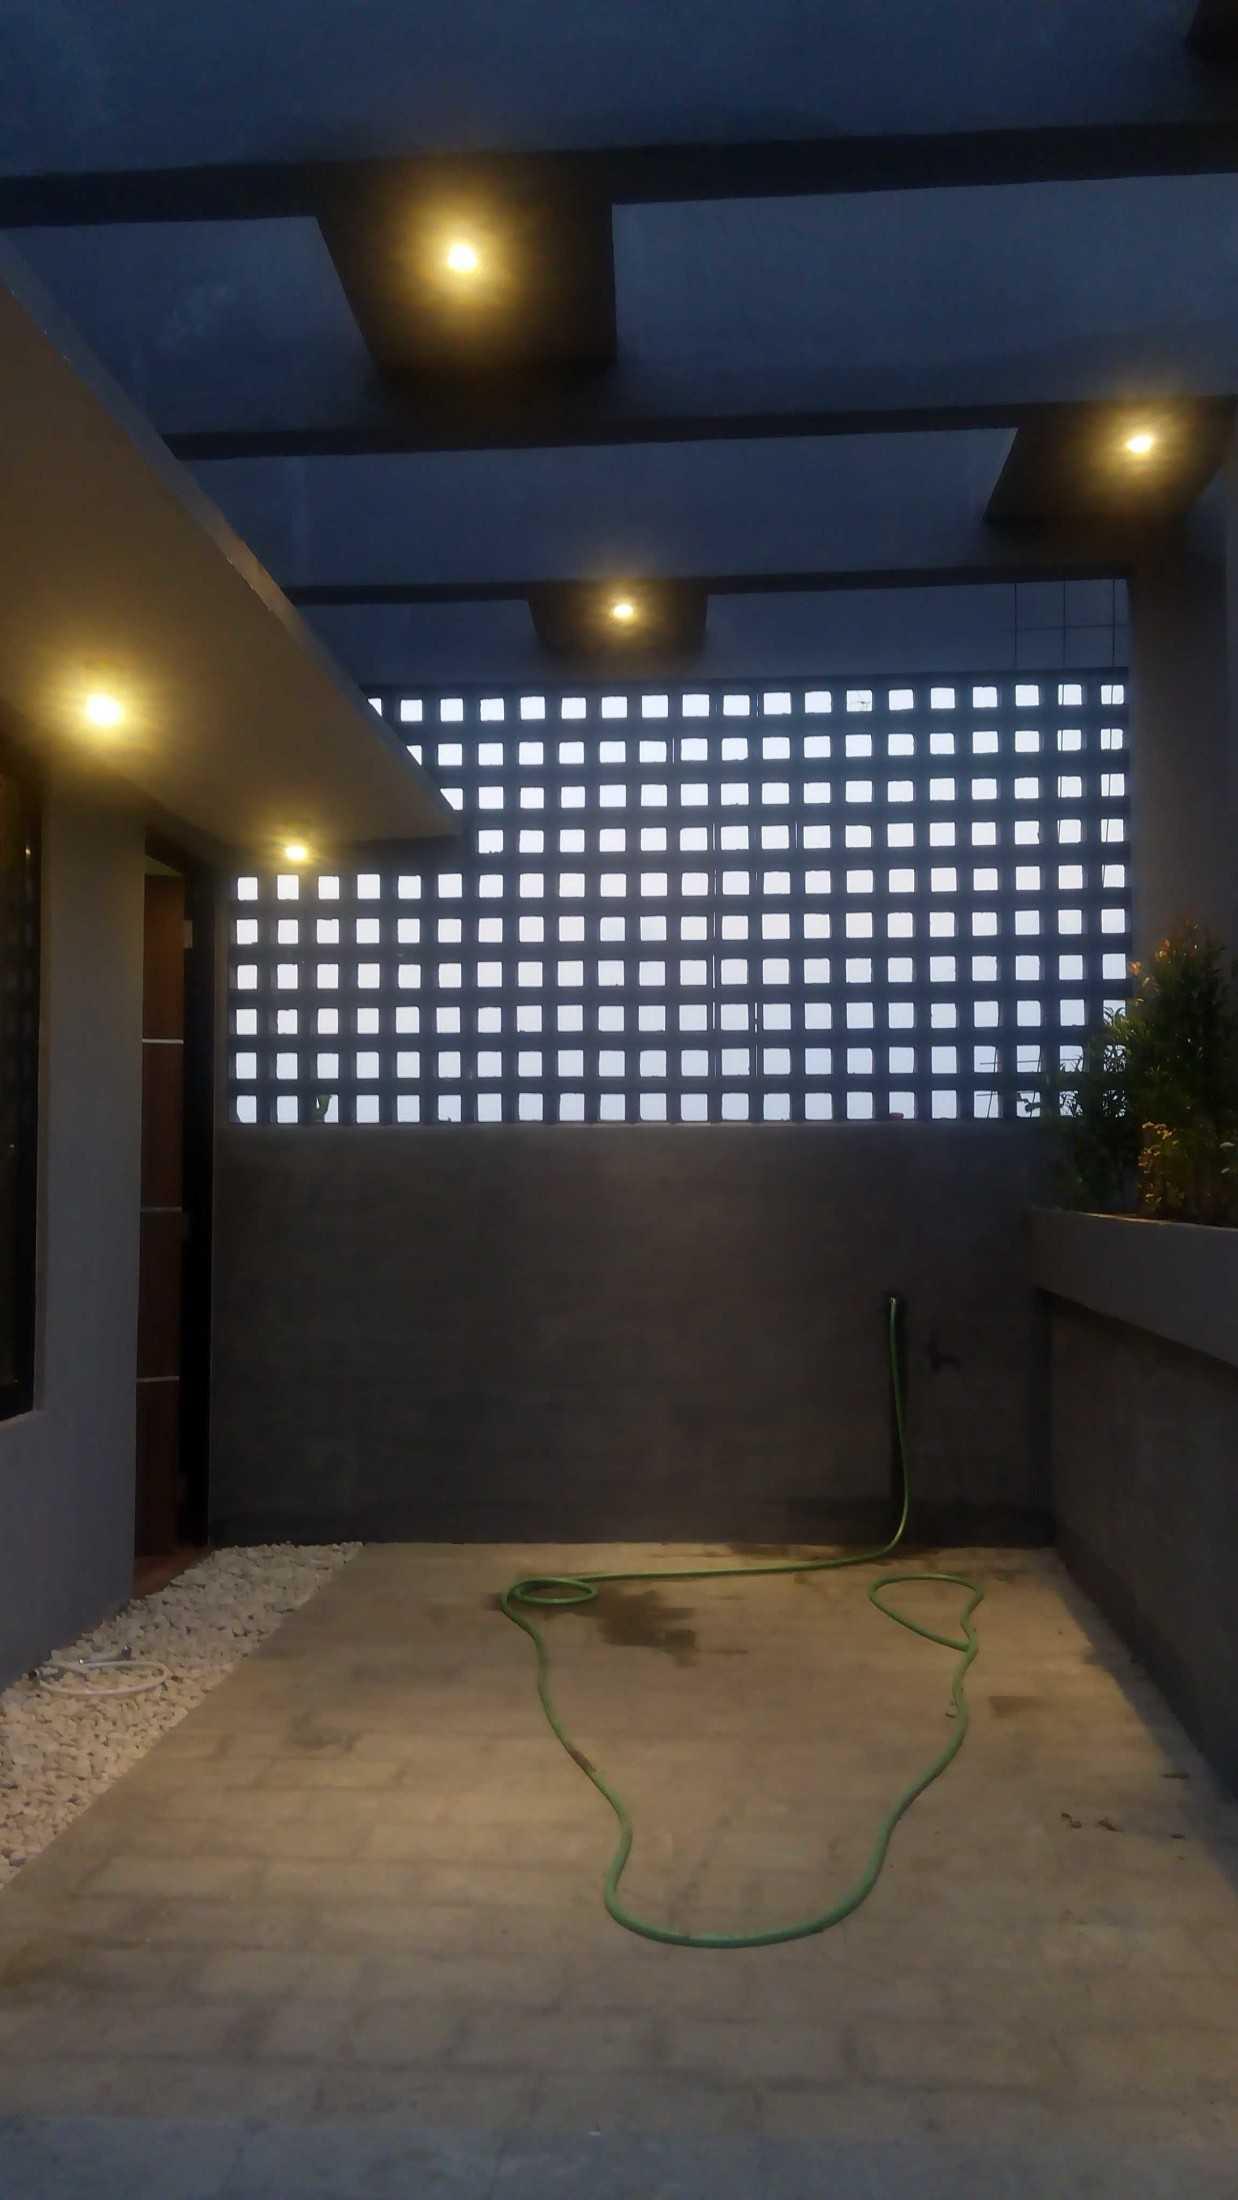 Astabumi Studio Omah Taman Singgah Tegal Tegal, Kota Tegal, Jawa Tengah, Indonesia Tegal, Kota Tegal, Jawa Tengah, Indonesia Astabumi-Architect-Interior-Design-Omah-Taman-Singgah-Tegal  84036